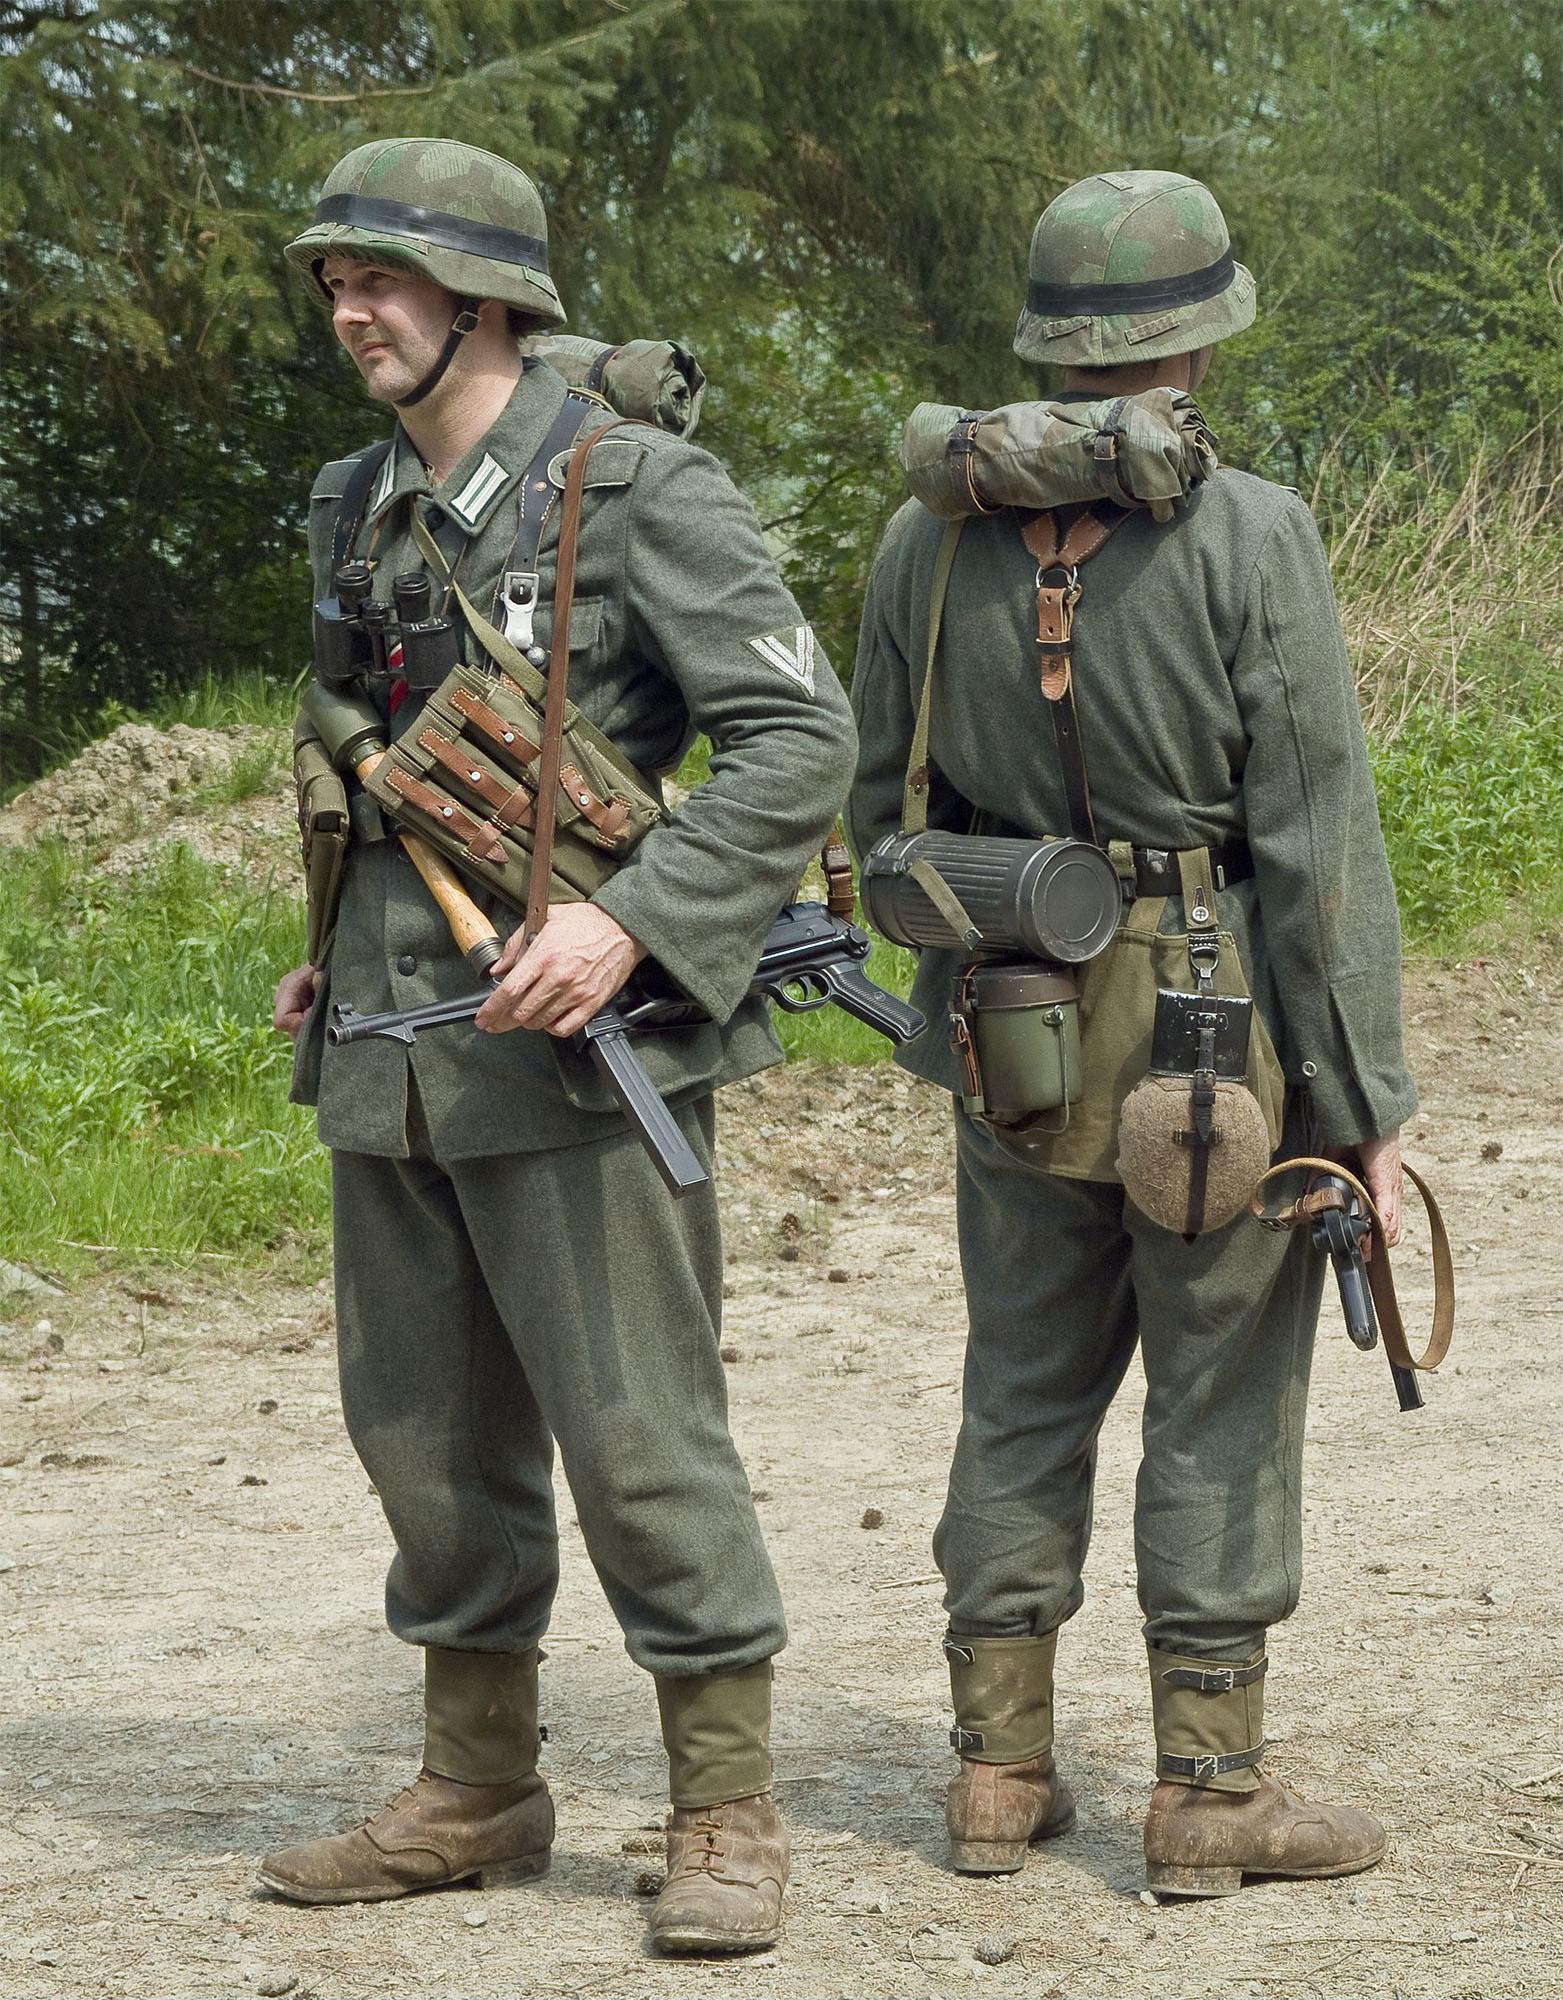 German Heer uniform